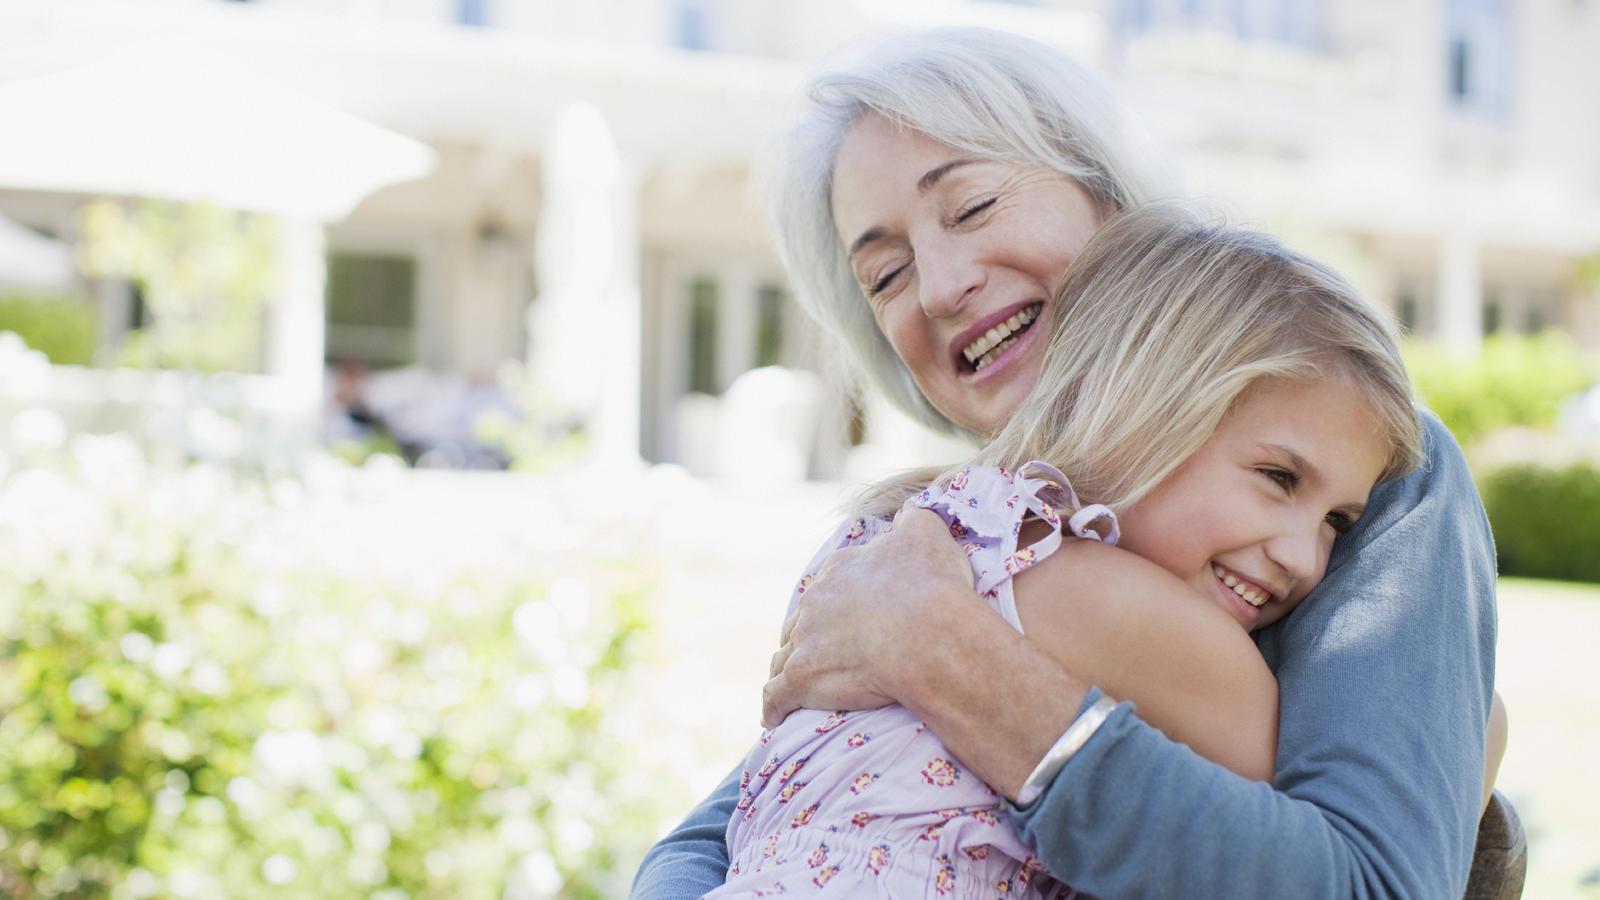 Für Kinder sind die Großeltern immer wichtig - egal ob zum Spielen, Kuscheln oder Frust abladen.